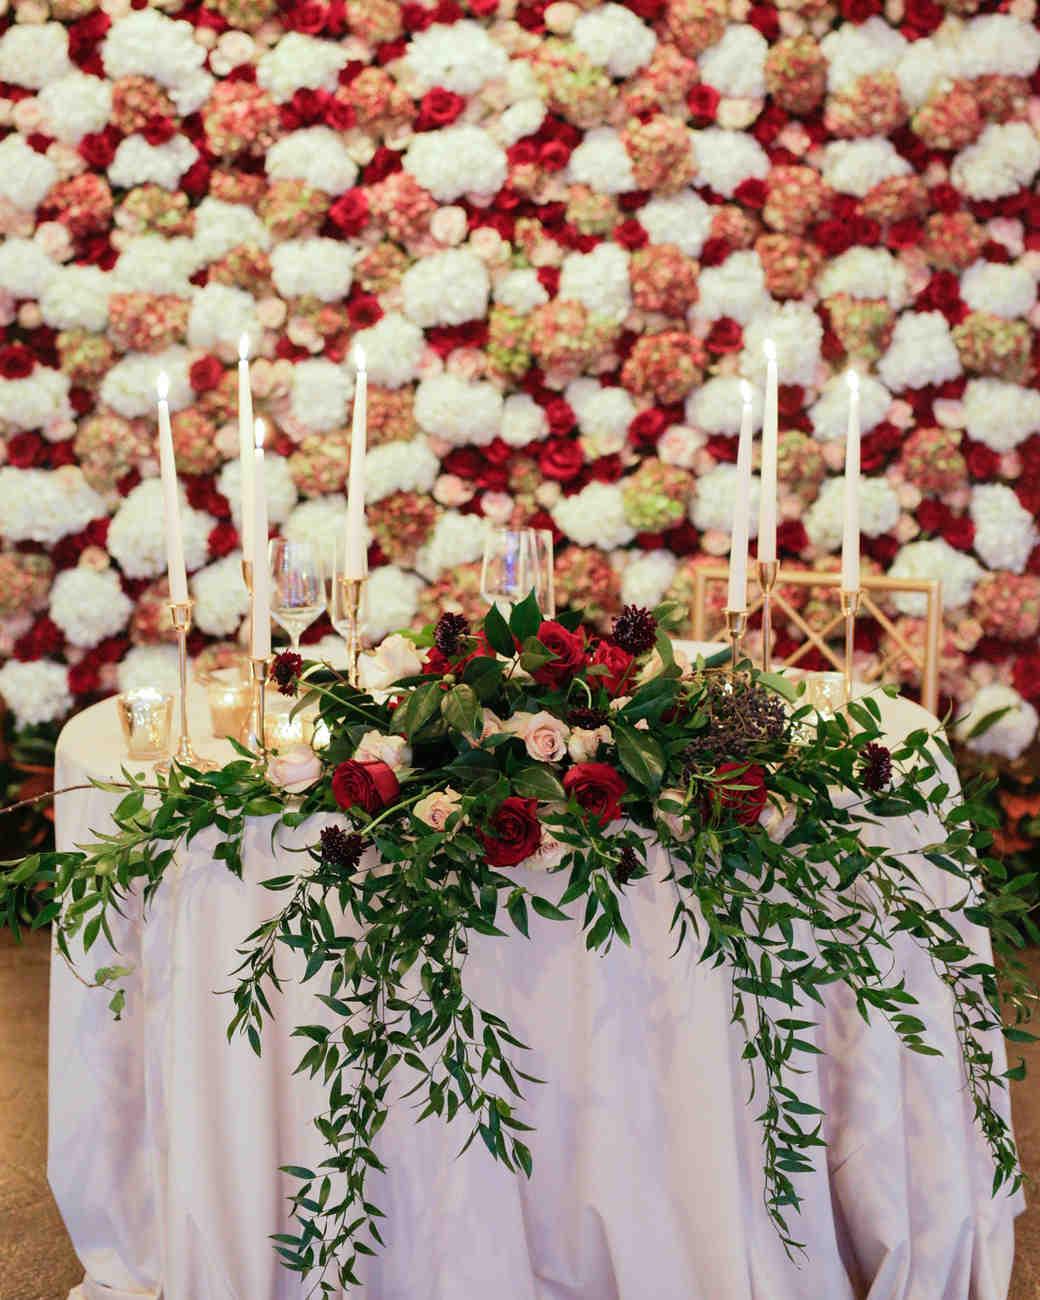 elizabeth seth wedding sweetheart table with flower wall backdrop